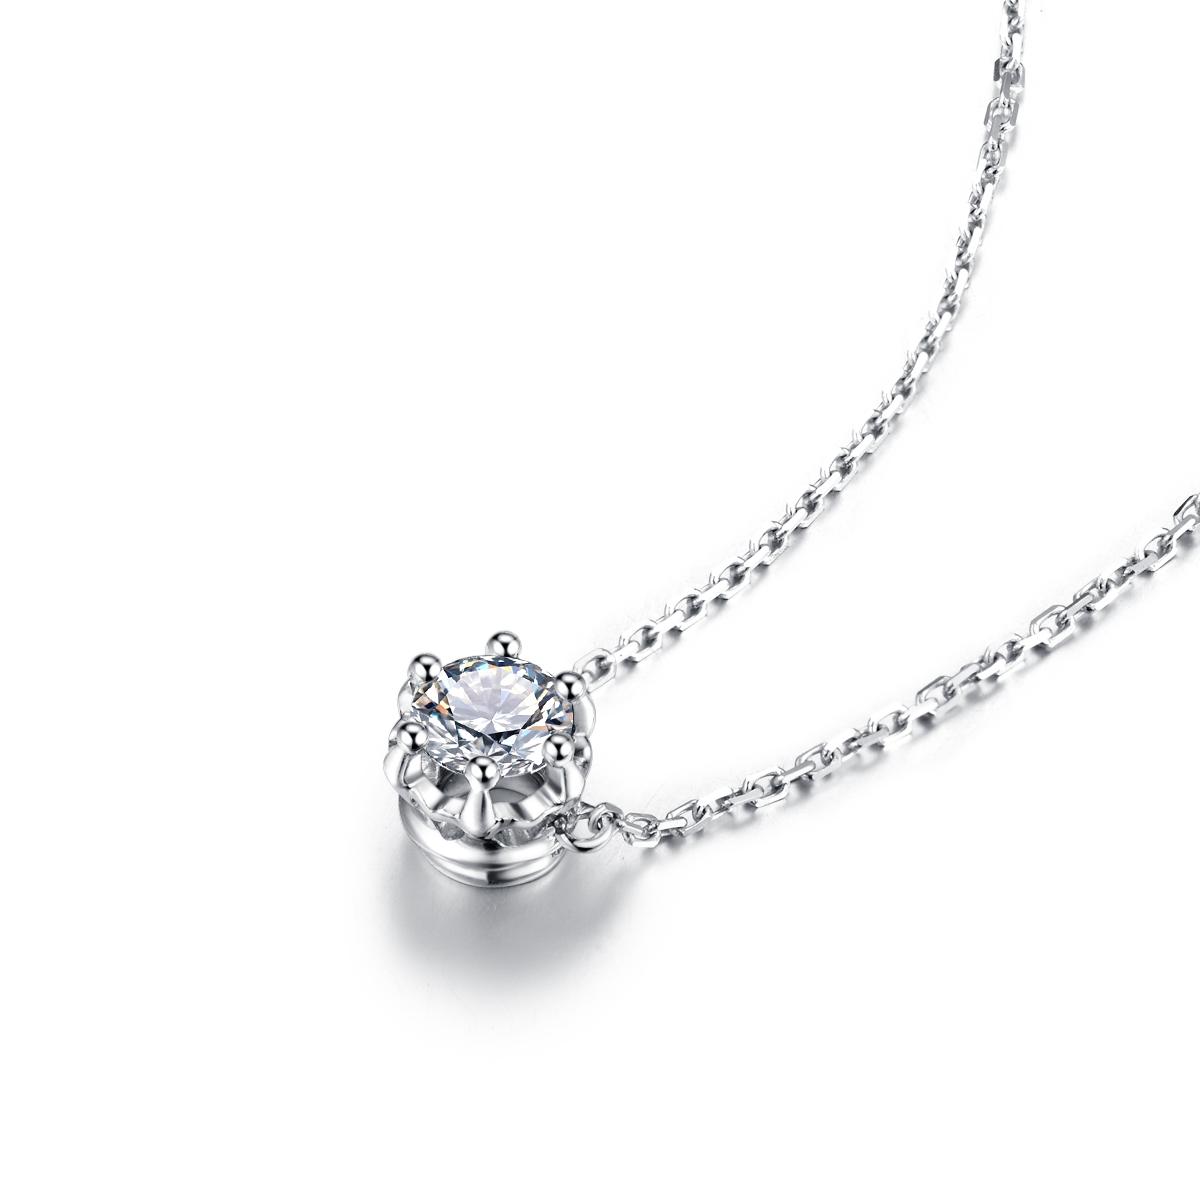 钻石项链,项链,佐卡伊项链